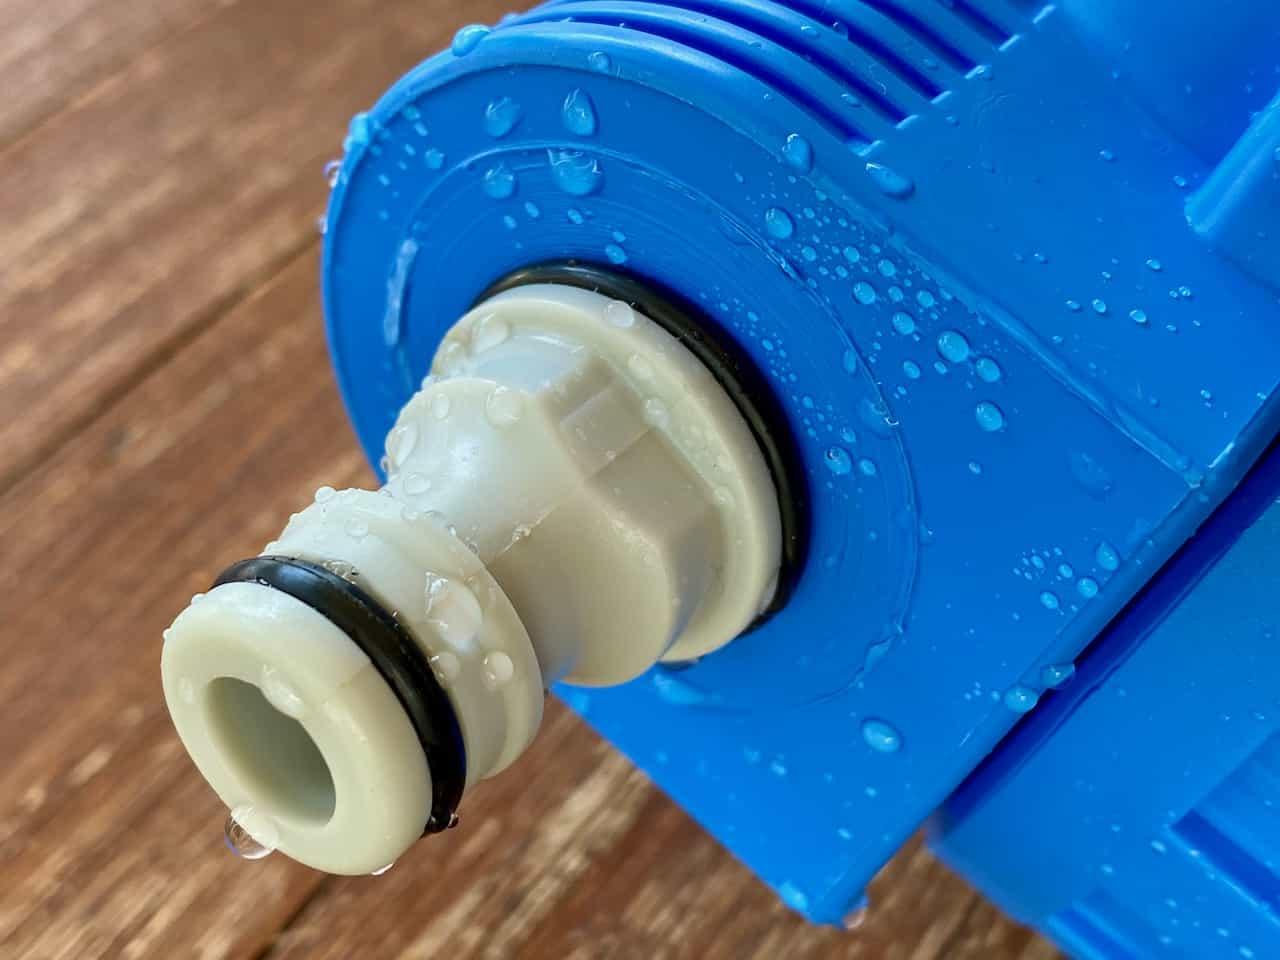 WM-aquatec-Wasserfilter-Set-Mobile-Edition-Umbau-mit-Gardena-Adapter-Dichtigkeitsprüfung